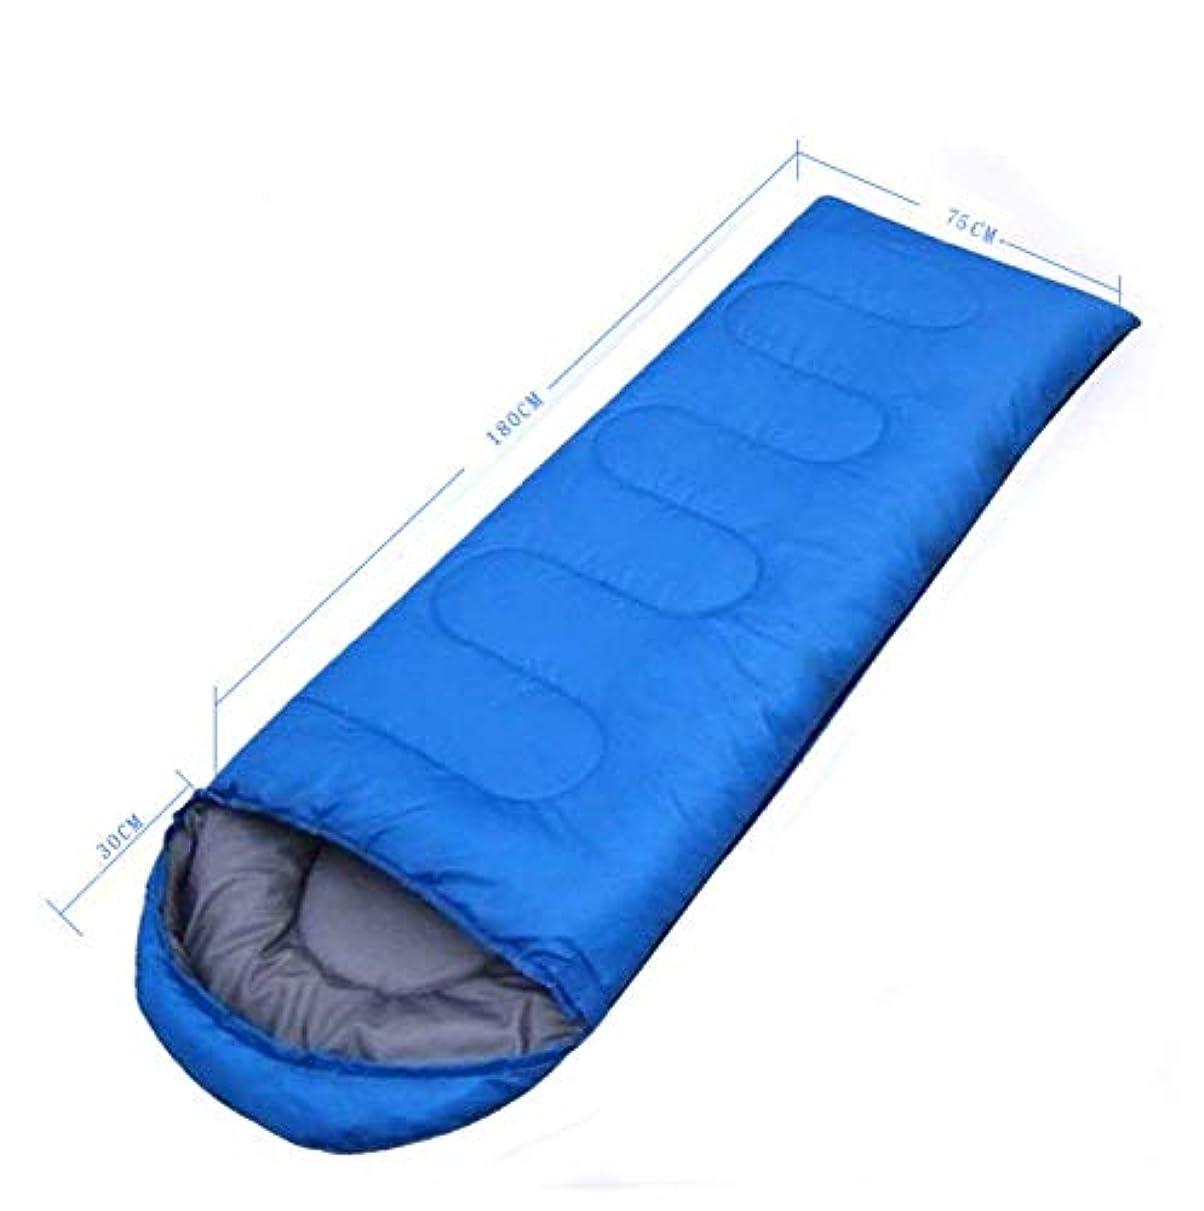 望ましいカバレッジトリッキー4シーズン屋外の寝袋、大人のキャンプキャンプランチブレイク寝袋、キャップ付き大人の封筒、寝袋、ブルー